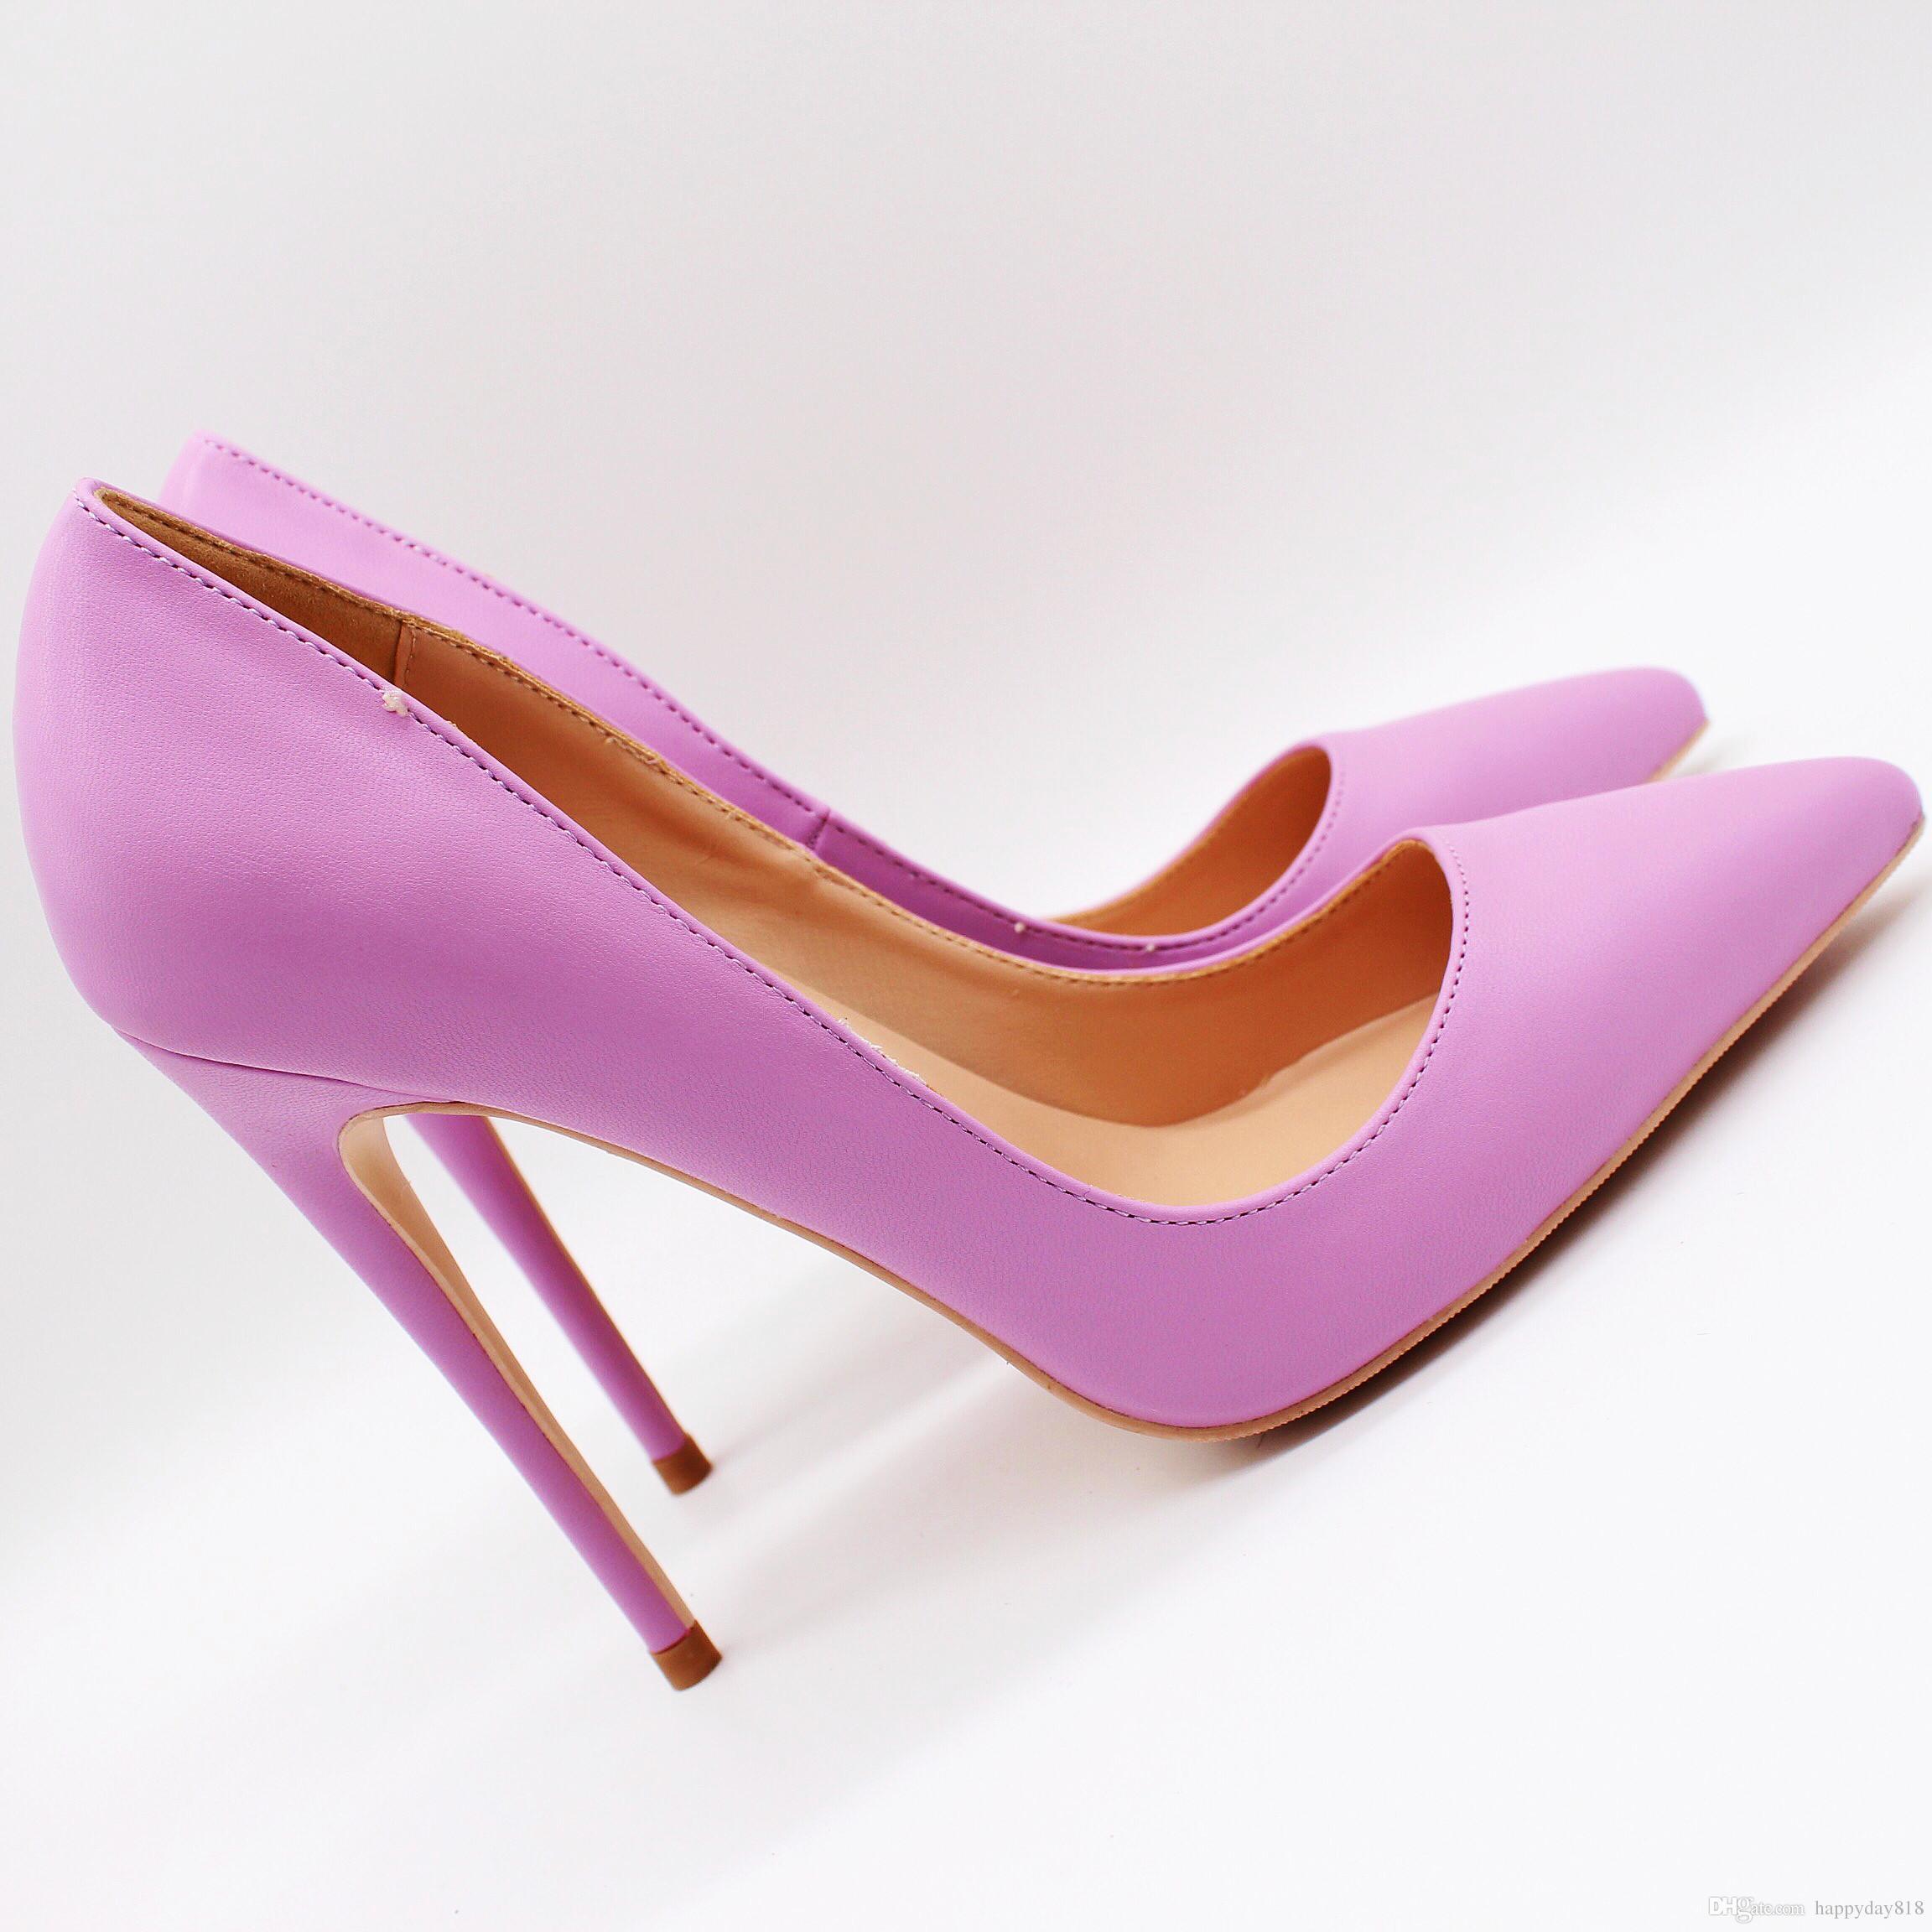 efe85815 Compre Blingbling Mujeres Zapatos Tacones Altos Tacones De Aguja De Cuero  De Color Rosa Mate Punta Atractiva Bombas De Tacón Alto Zapatos De Fiesta  Bombas ...